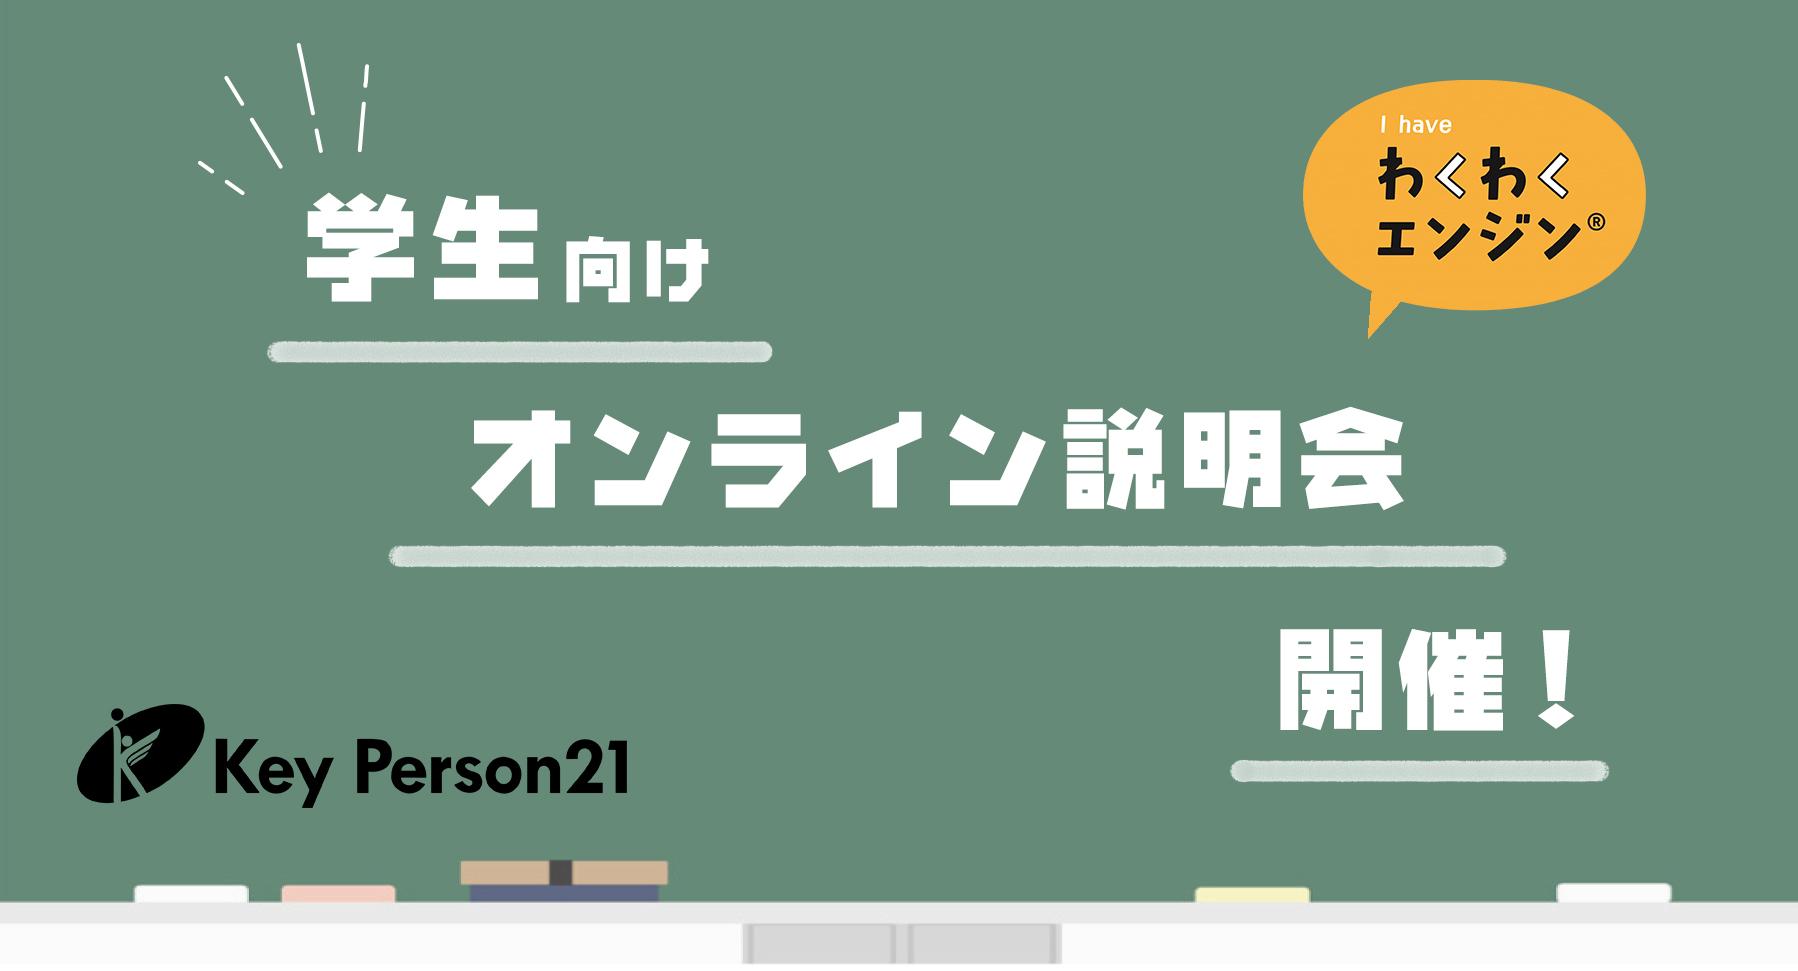 キーパーソン21の活動を通して、学生生活をより充実させよう!!